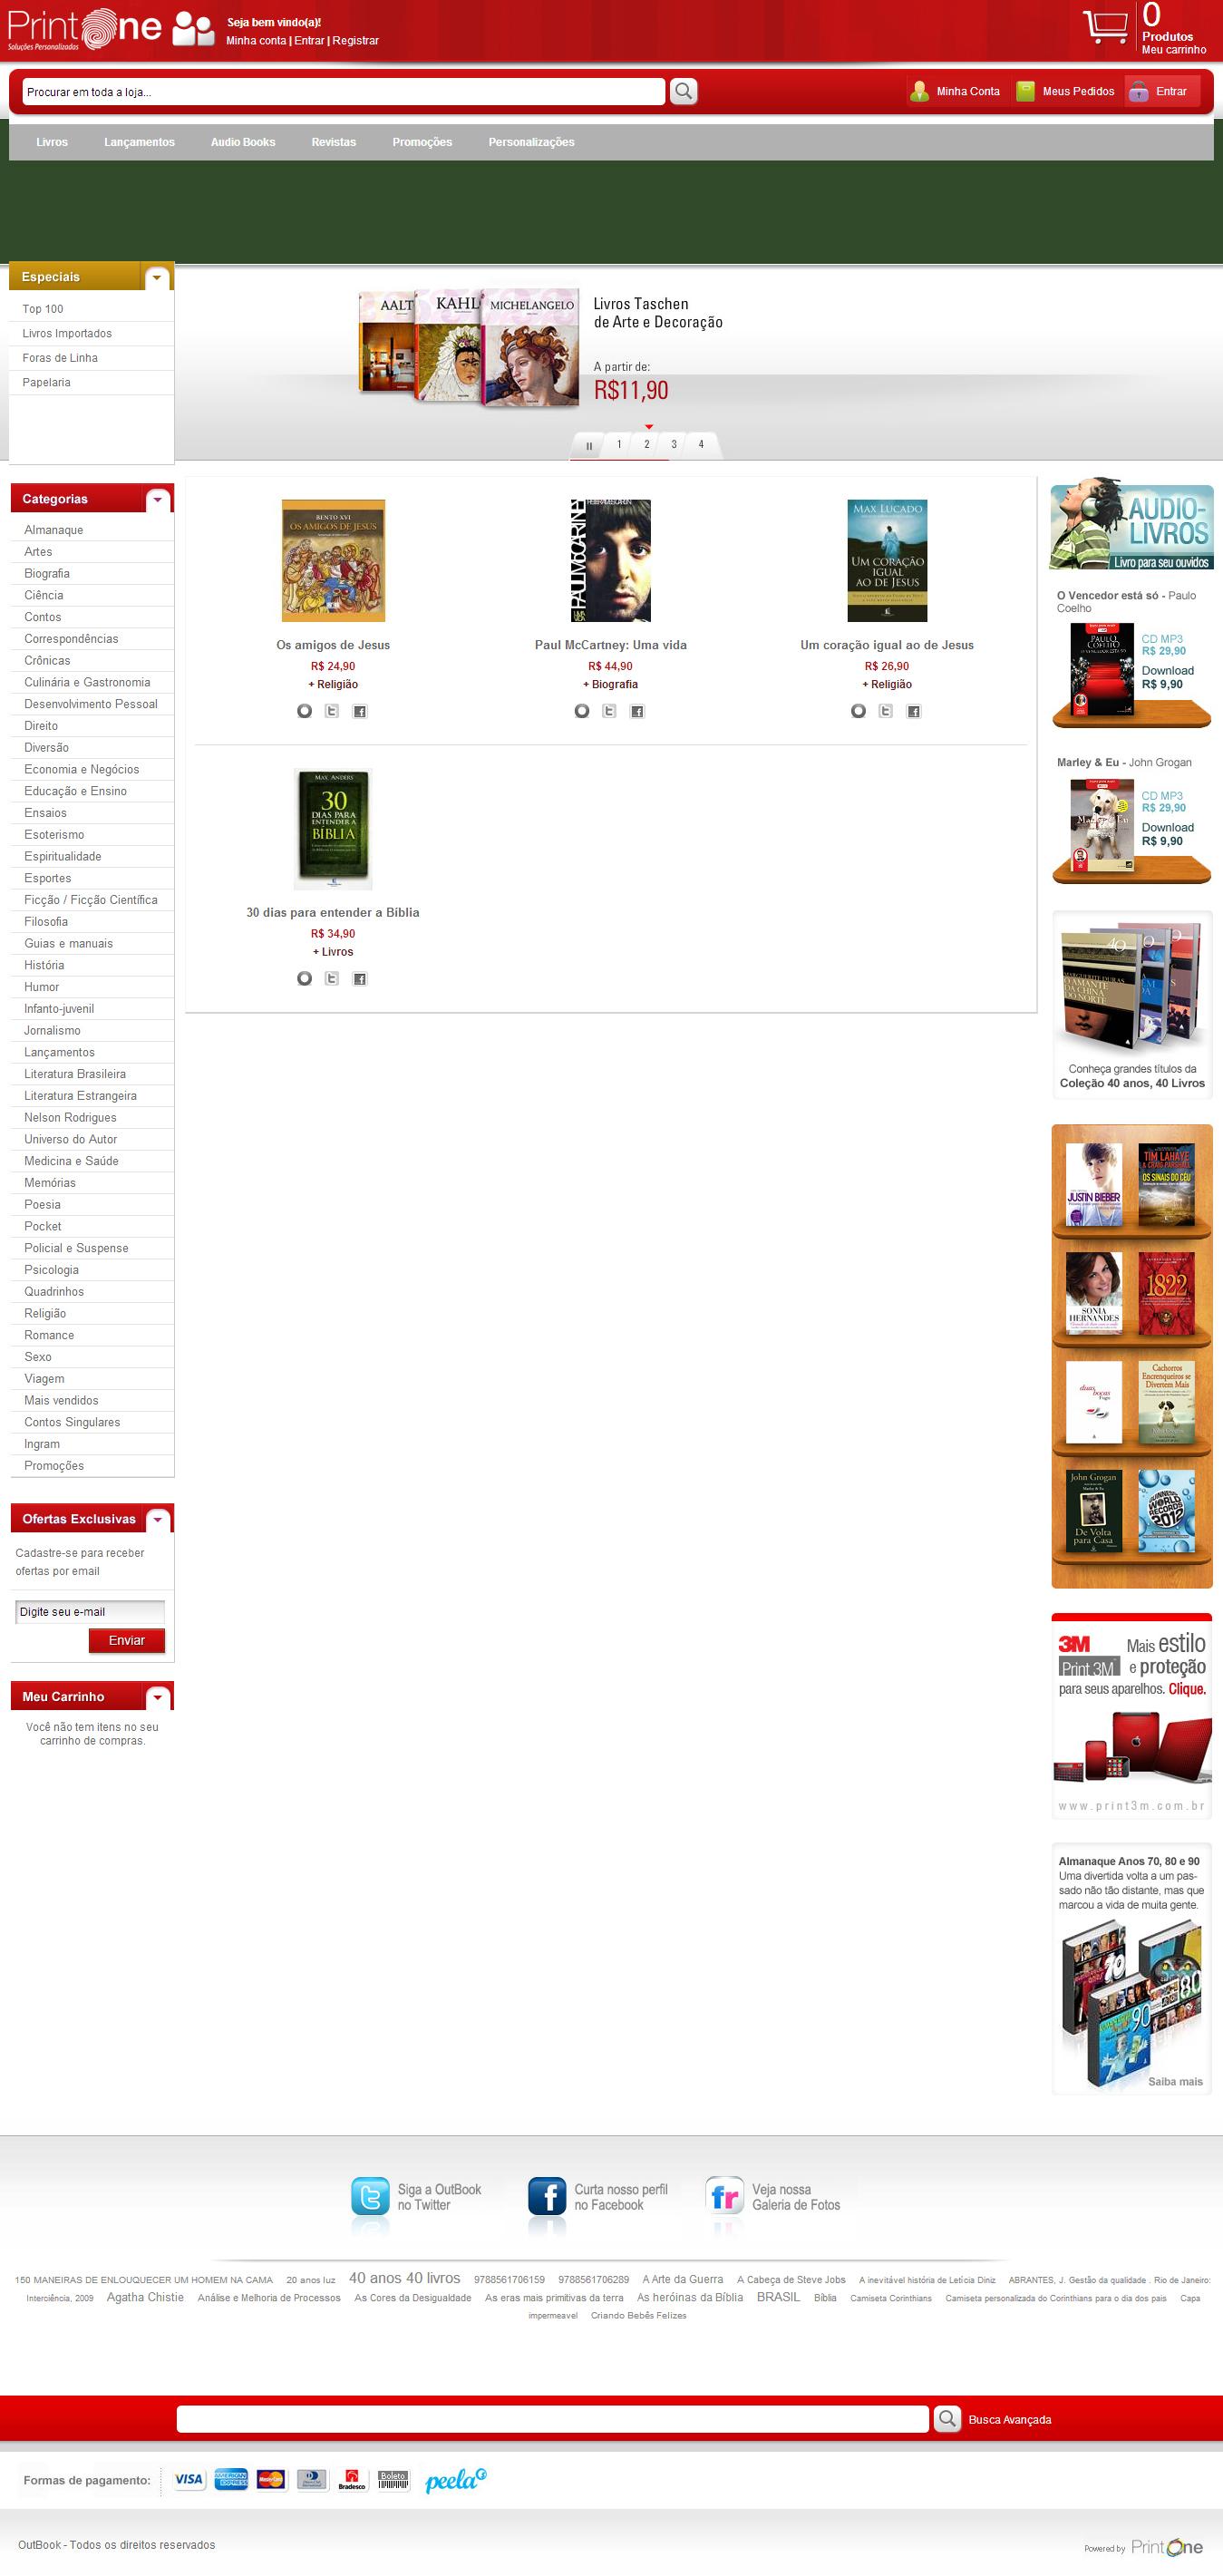 Print One - Modelo de Loja de Livros cb16c47ff3